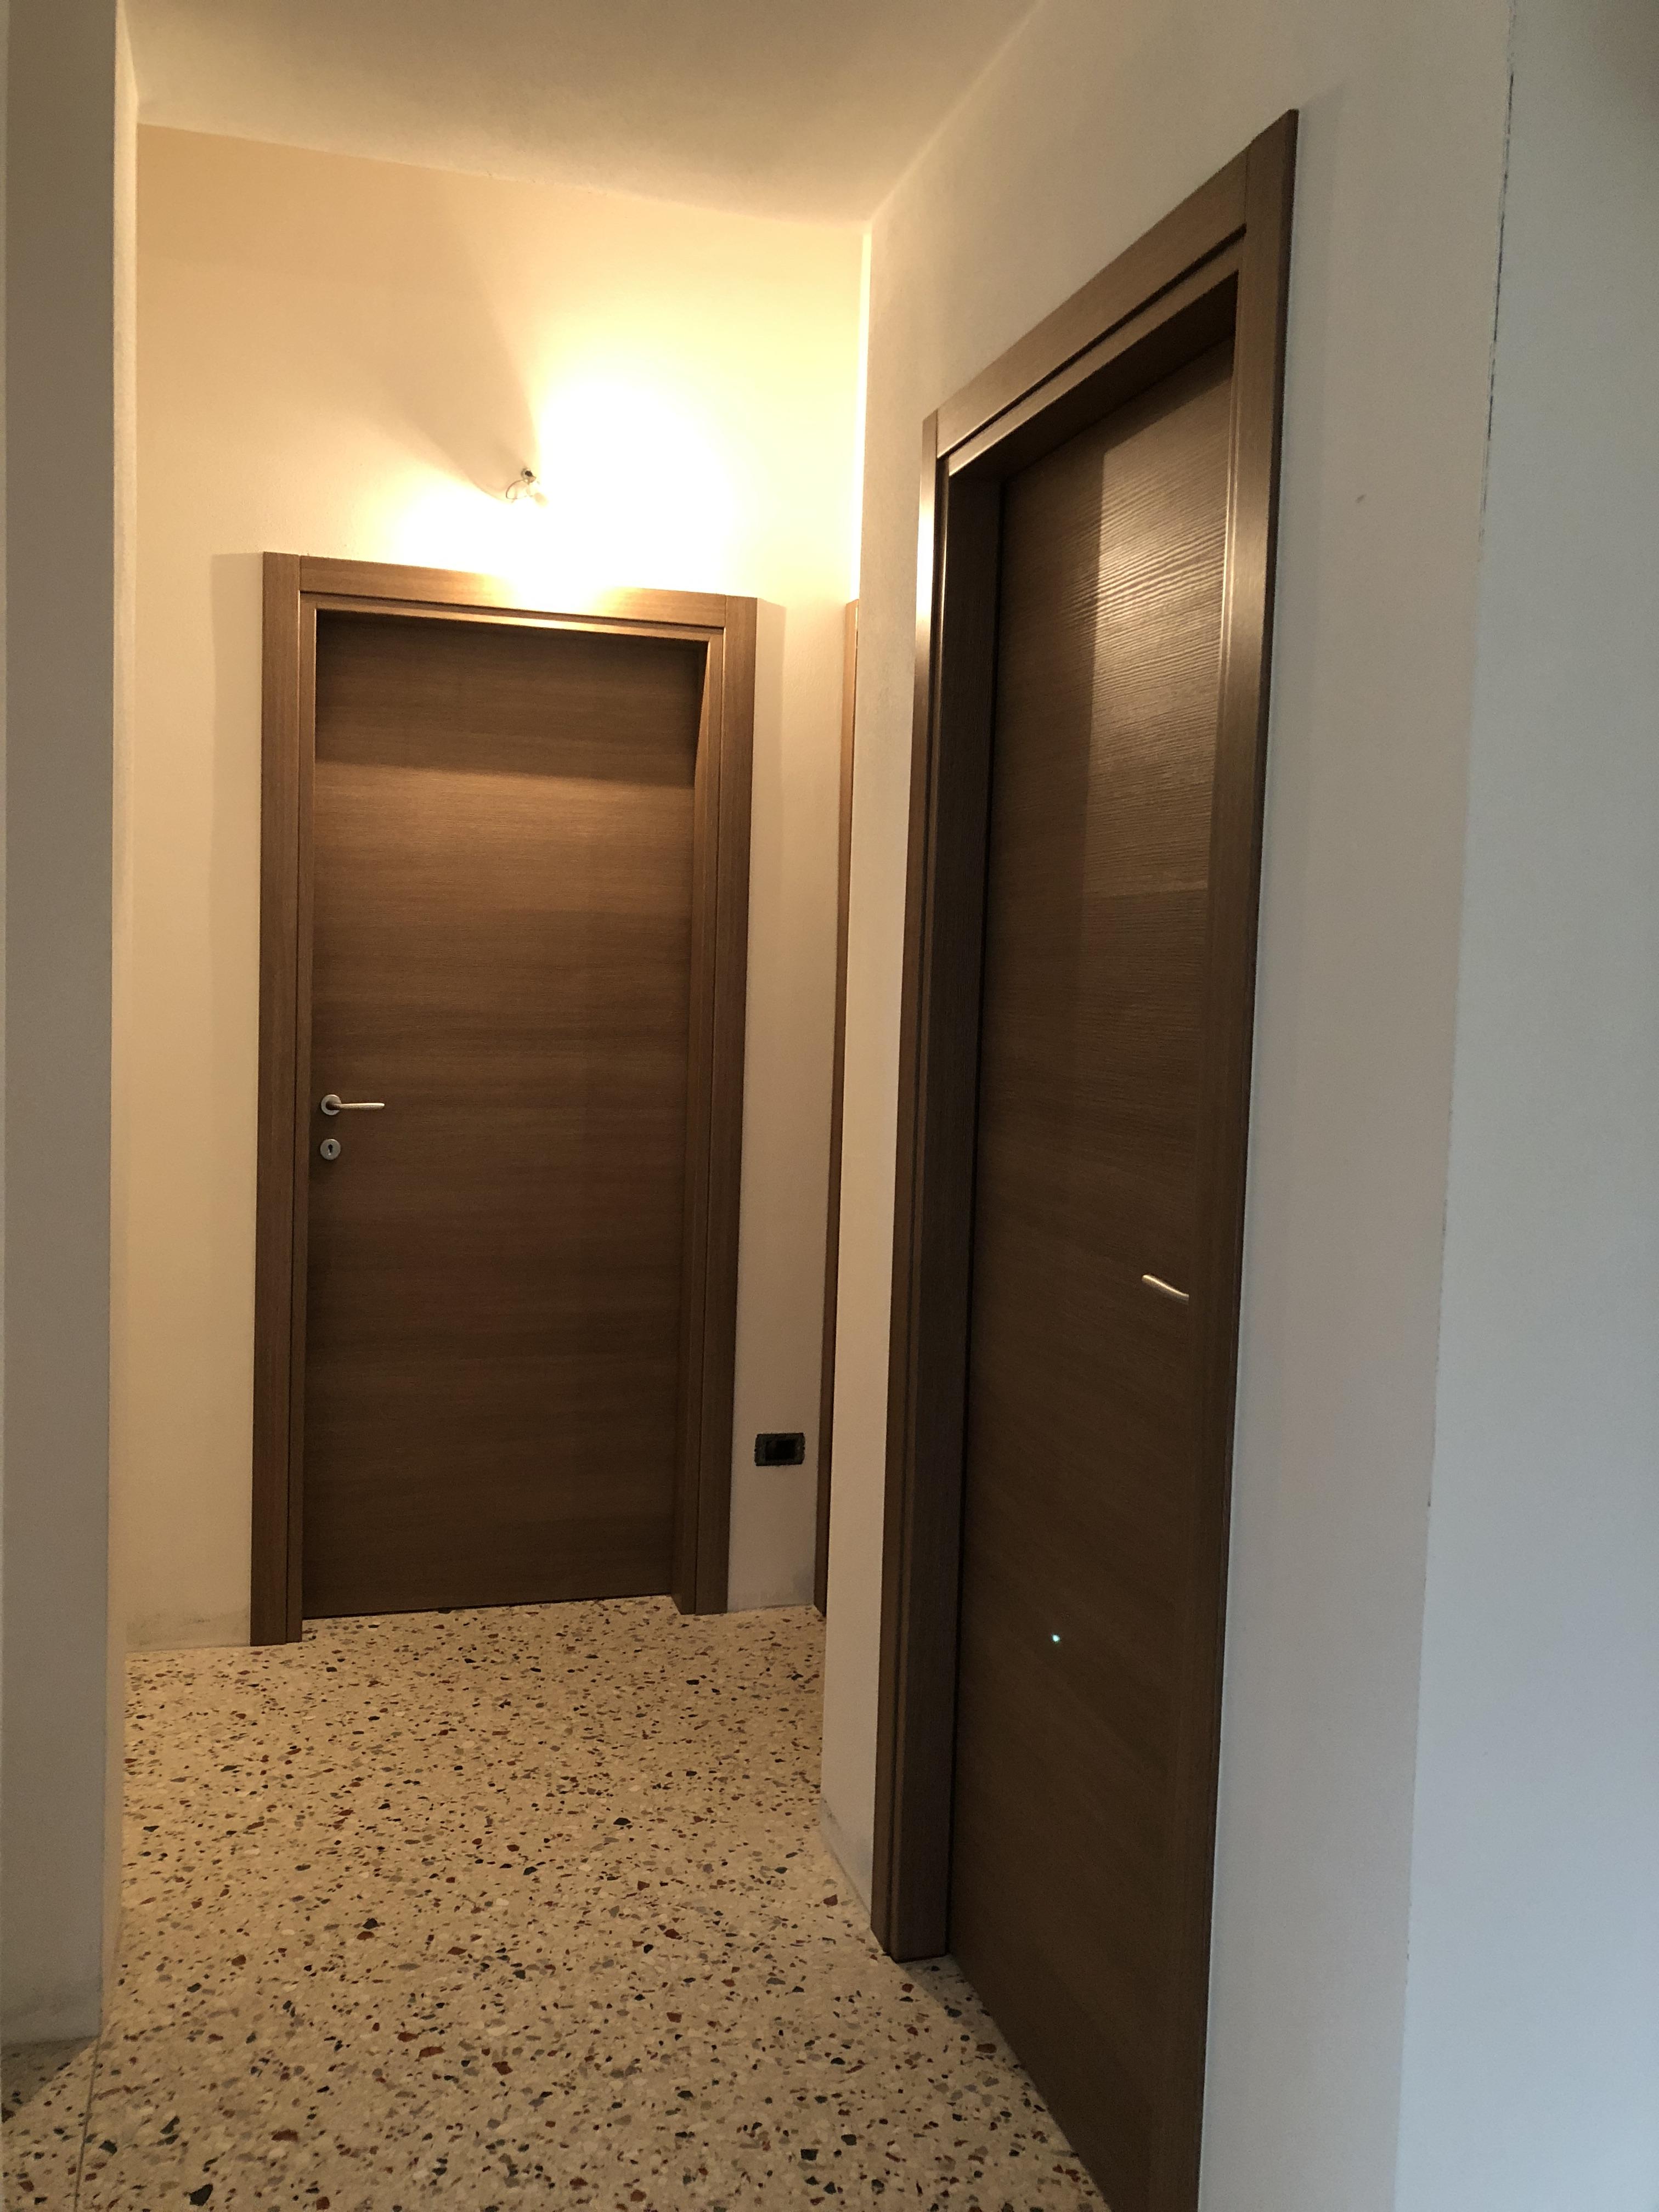 Porte interne in legno listellare,